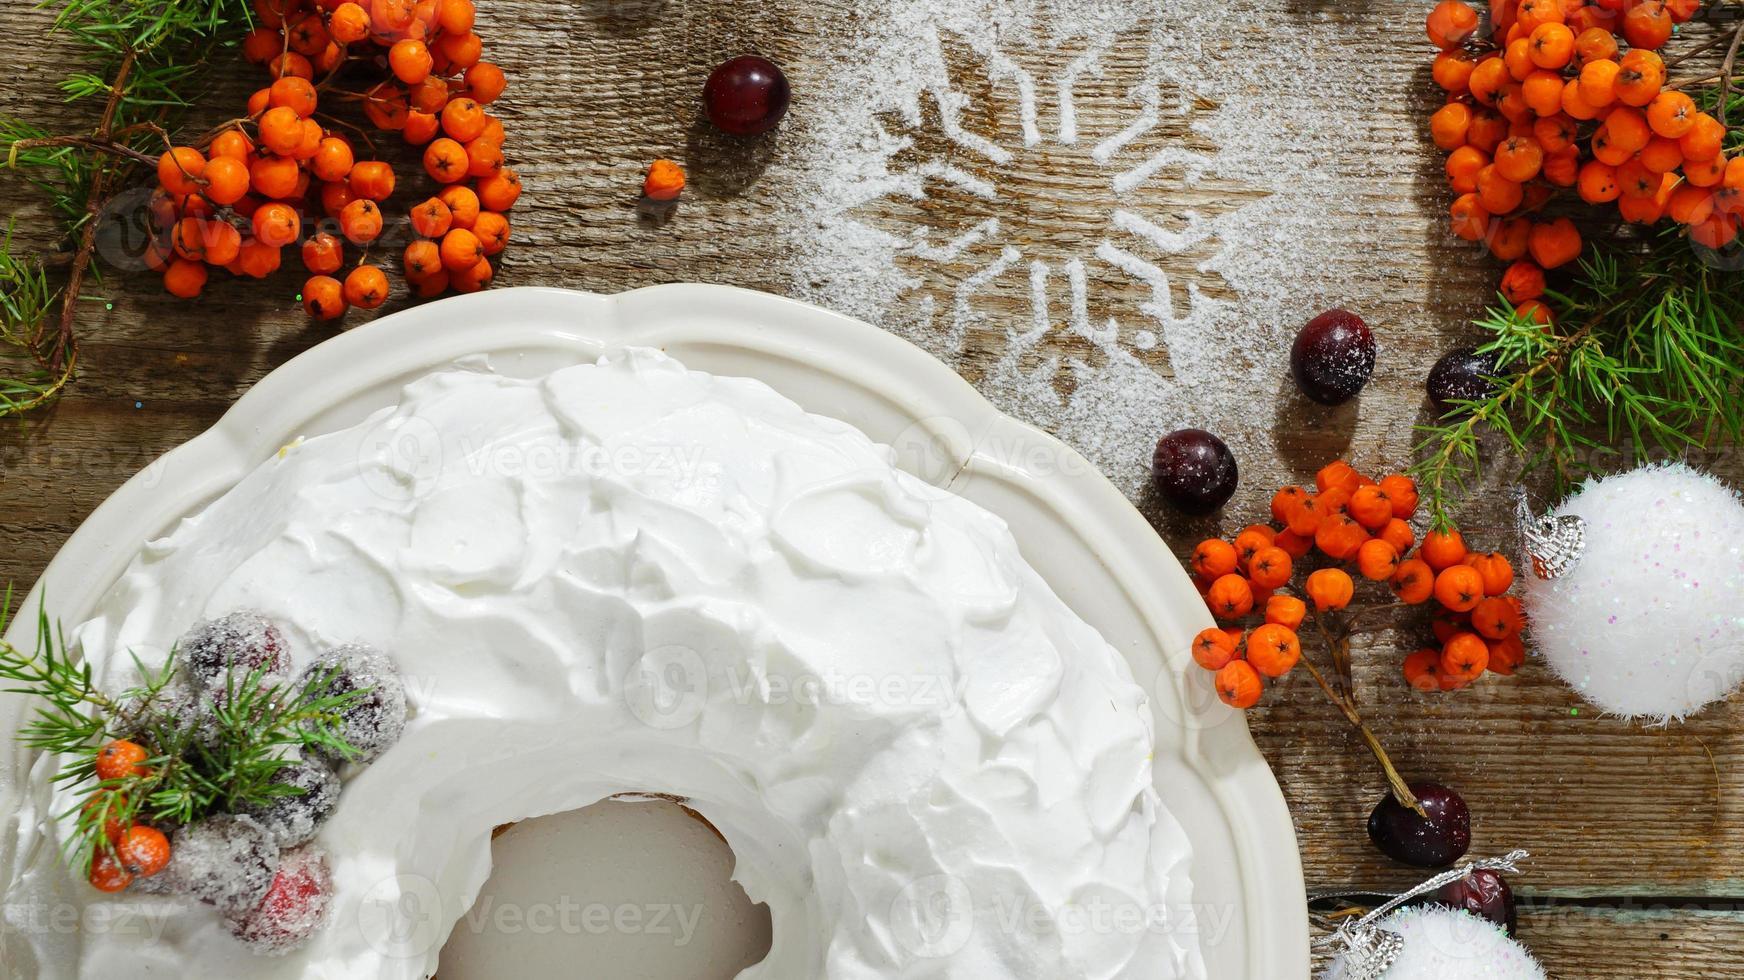 traditionele kerst- en nieuwjaarstaart met veenbessen en glazuur foto